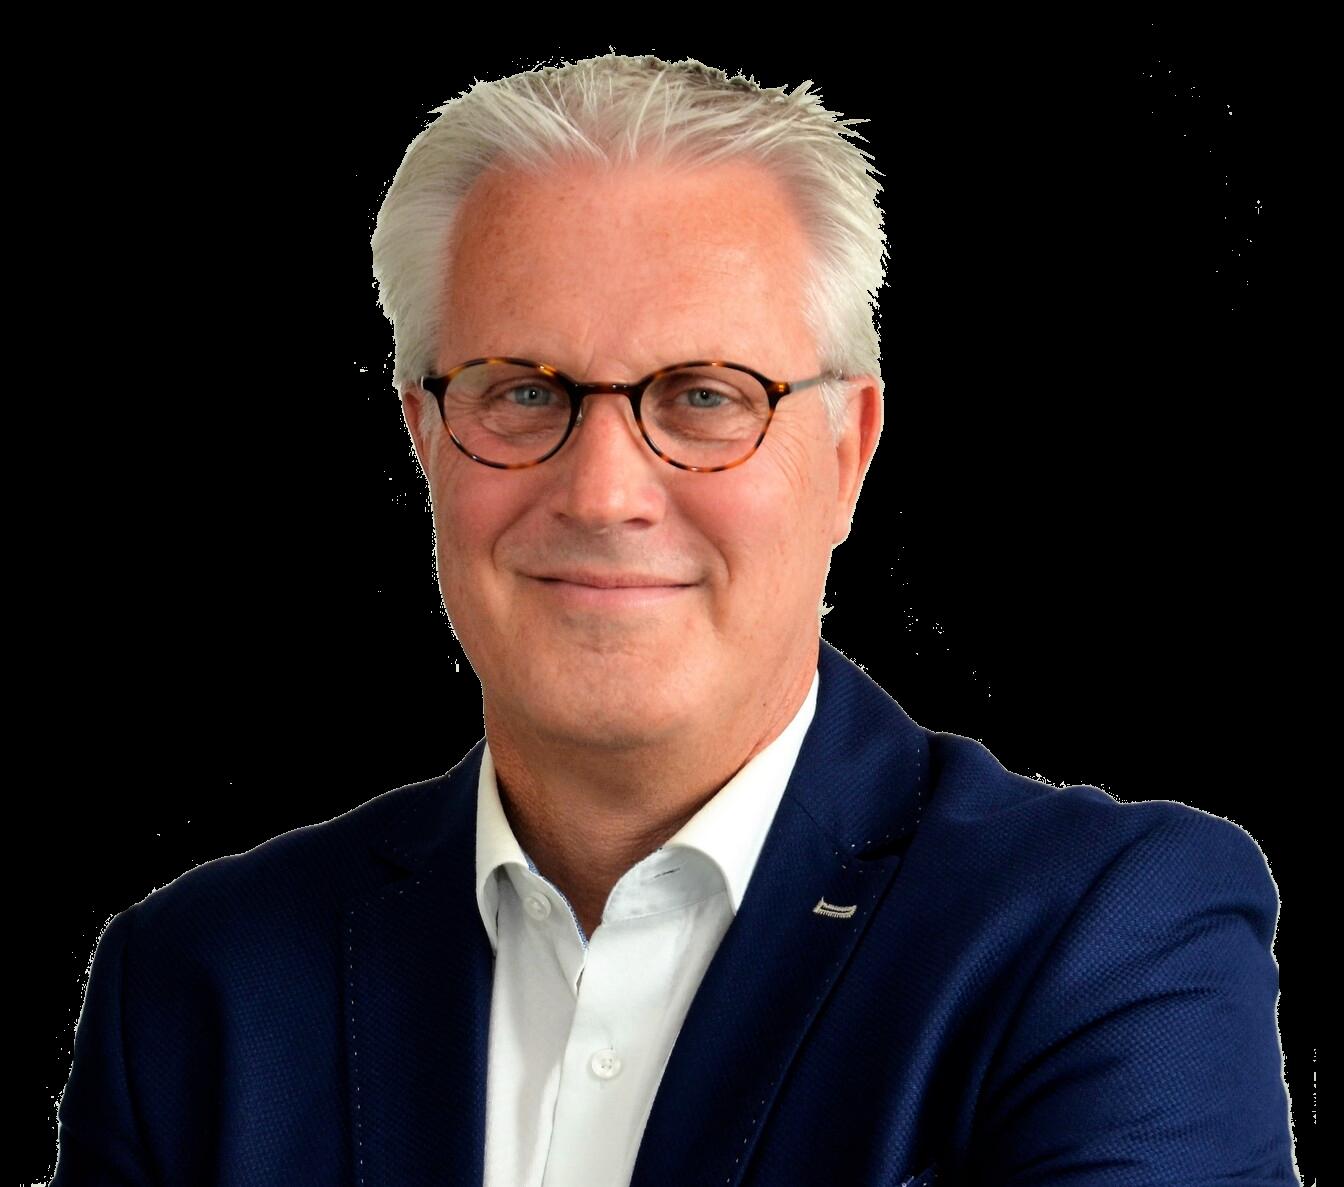 H.A. Koenen